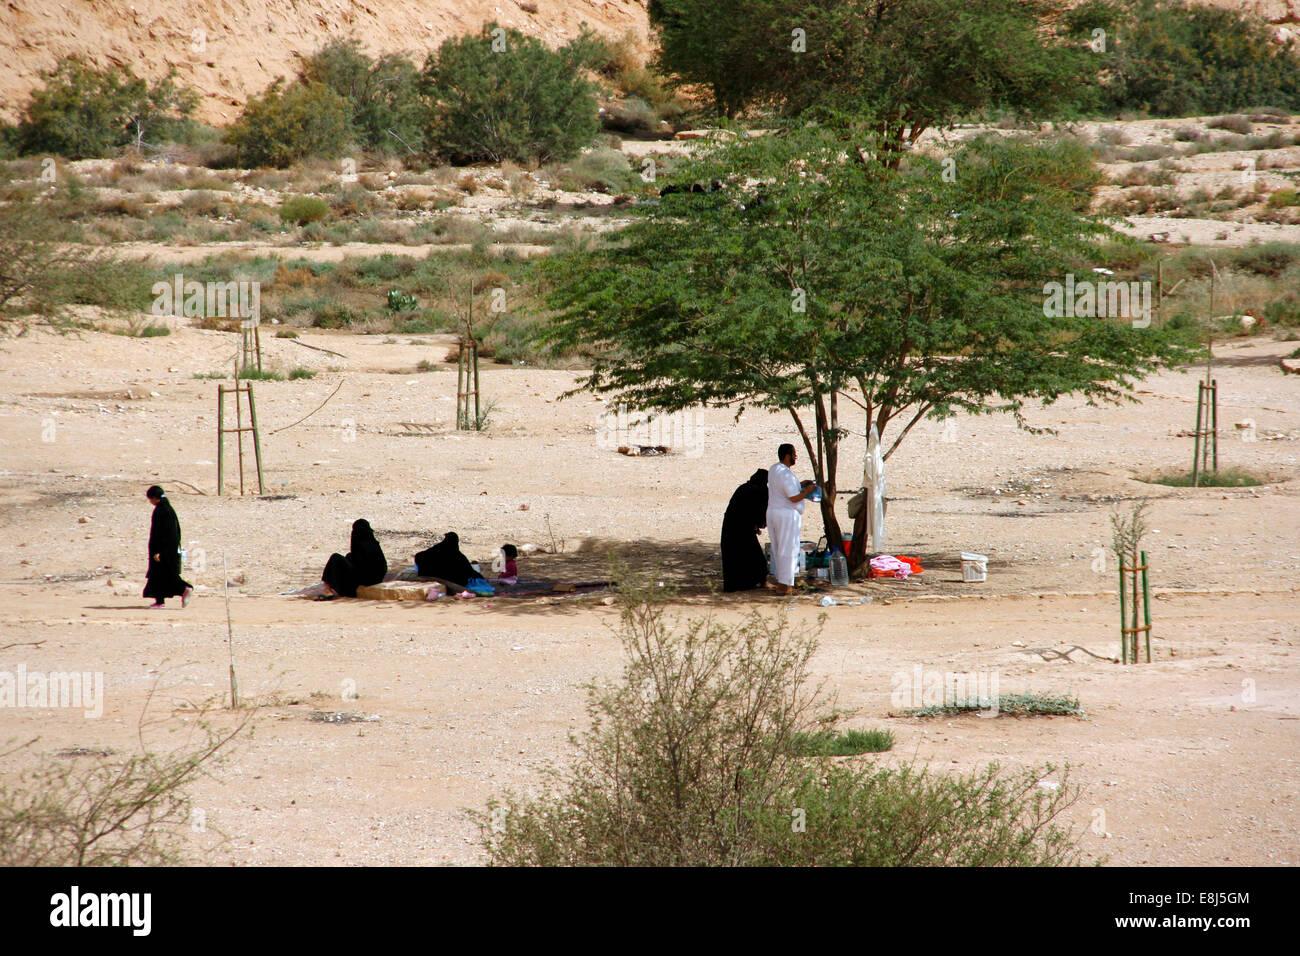 La gente del luogo avente un pic-nic sotto l'ombra degli alberi nel Wadi Hanifa, vicino a Riyadh, Arabia Saudita Immagini Stock